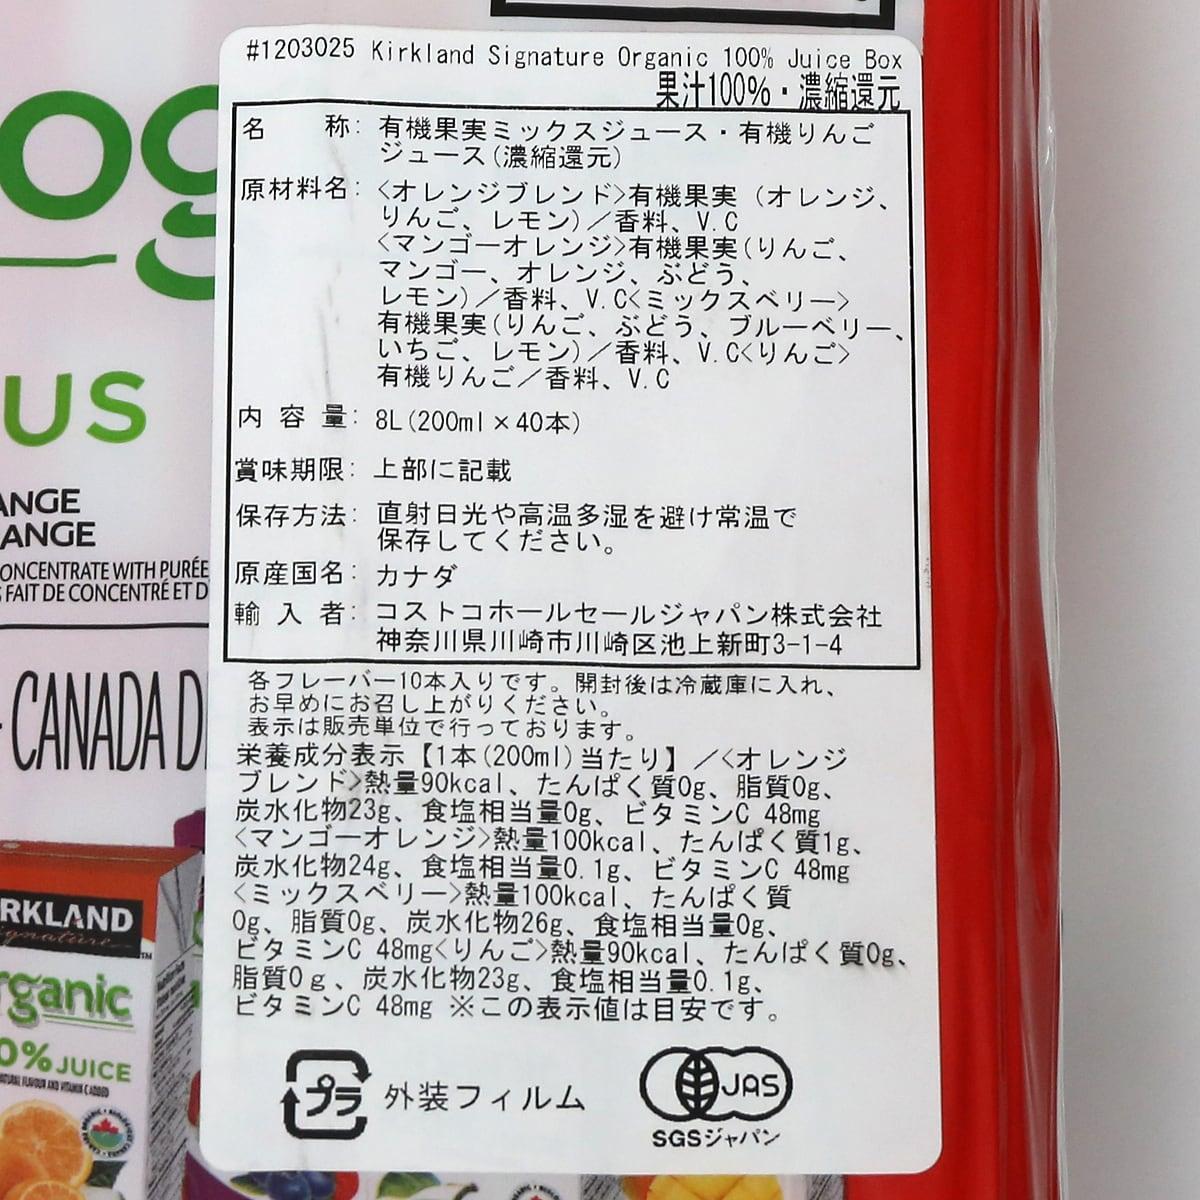 カークランドシグネチャー オーガニック100%ジュース 200ml × 40本 商品ラベル(原材料・カロリーほか)